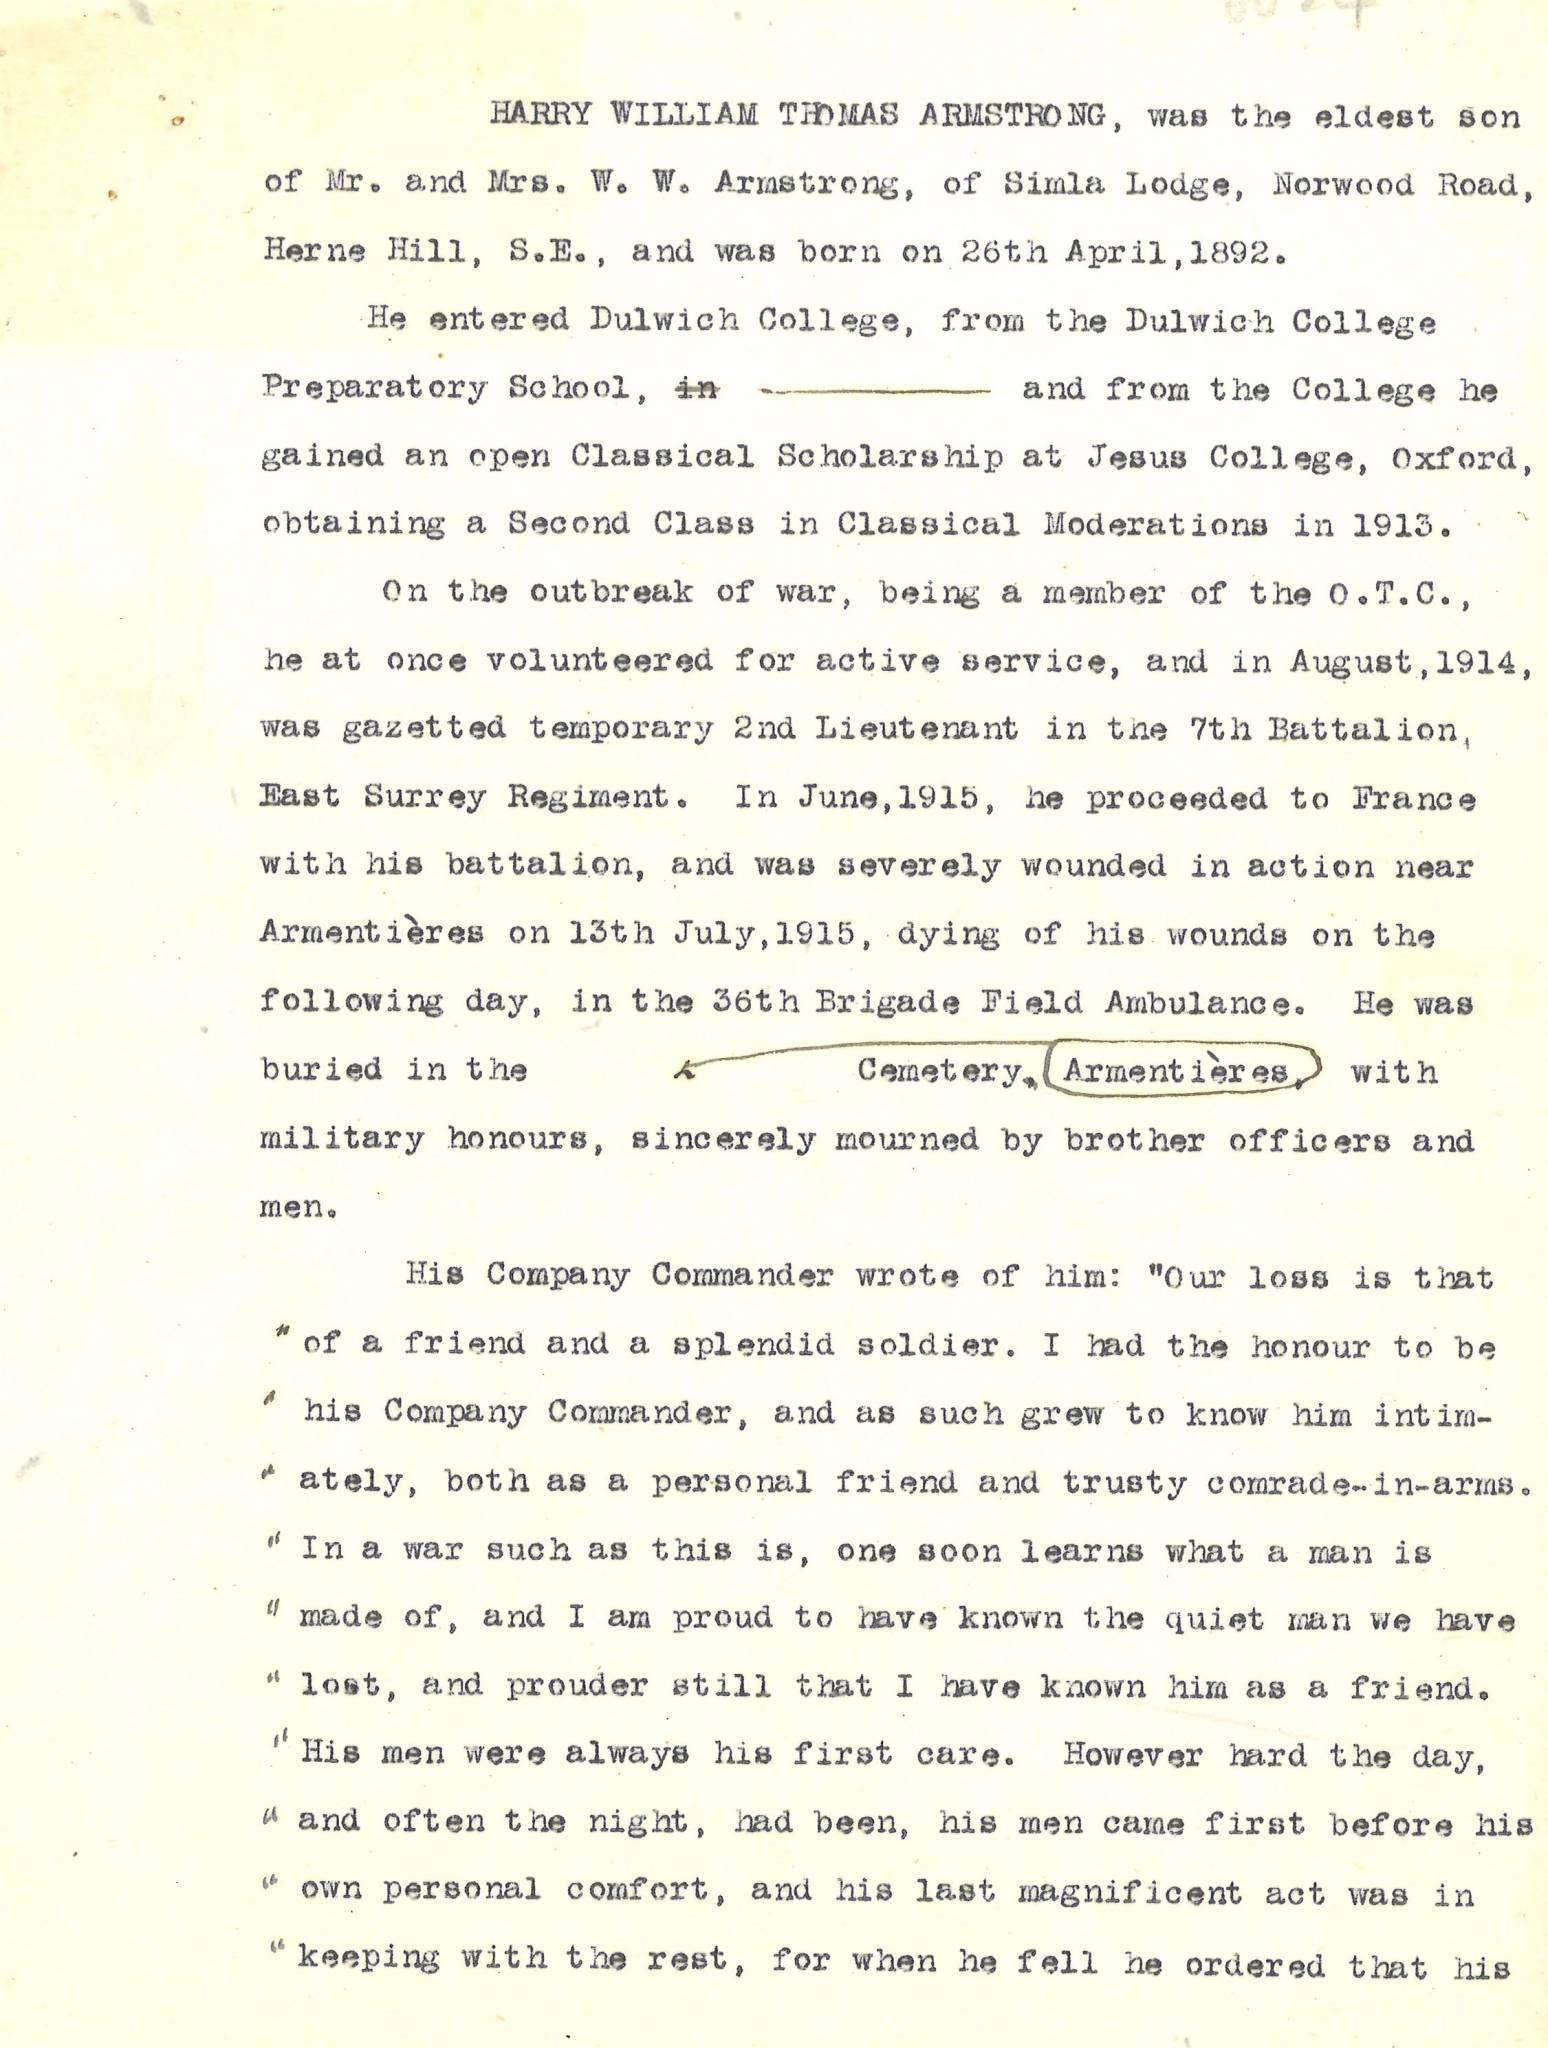 Armstrong HWT Career Description 1